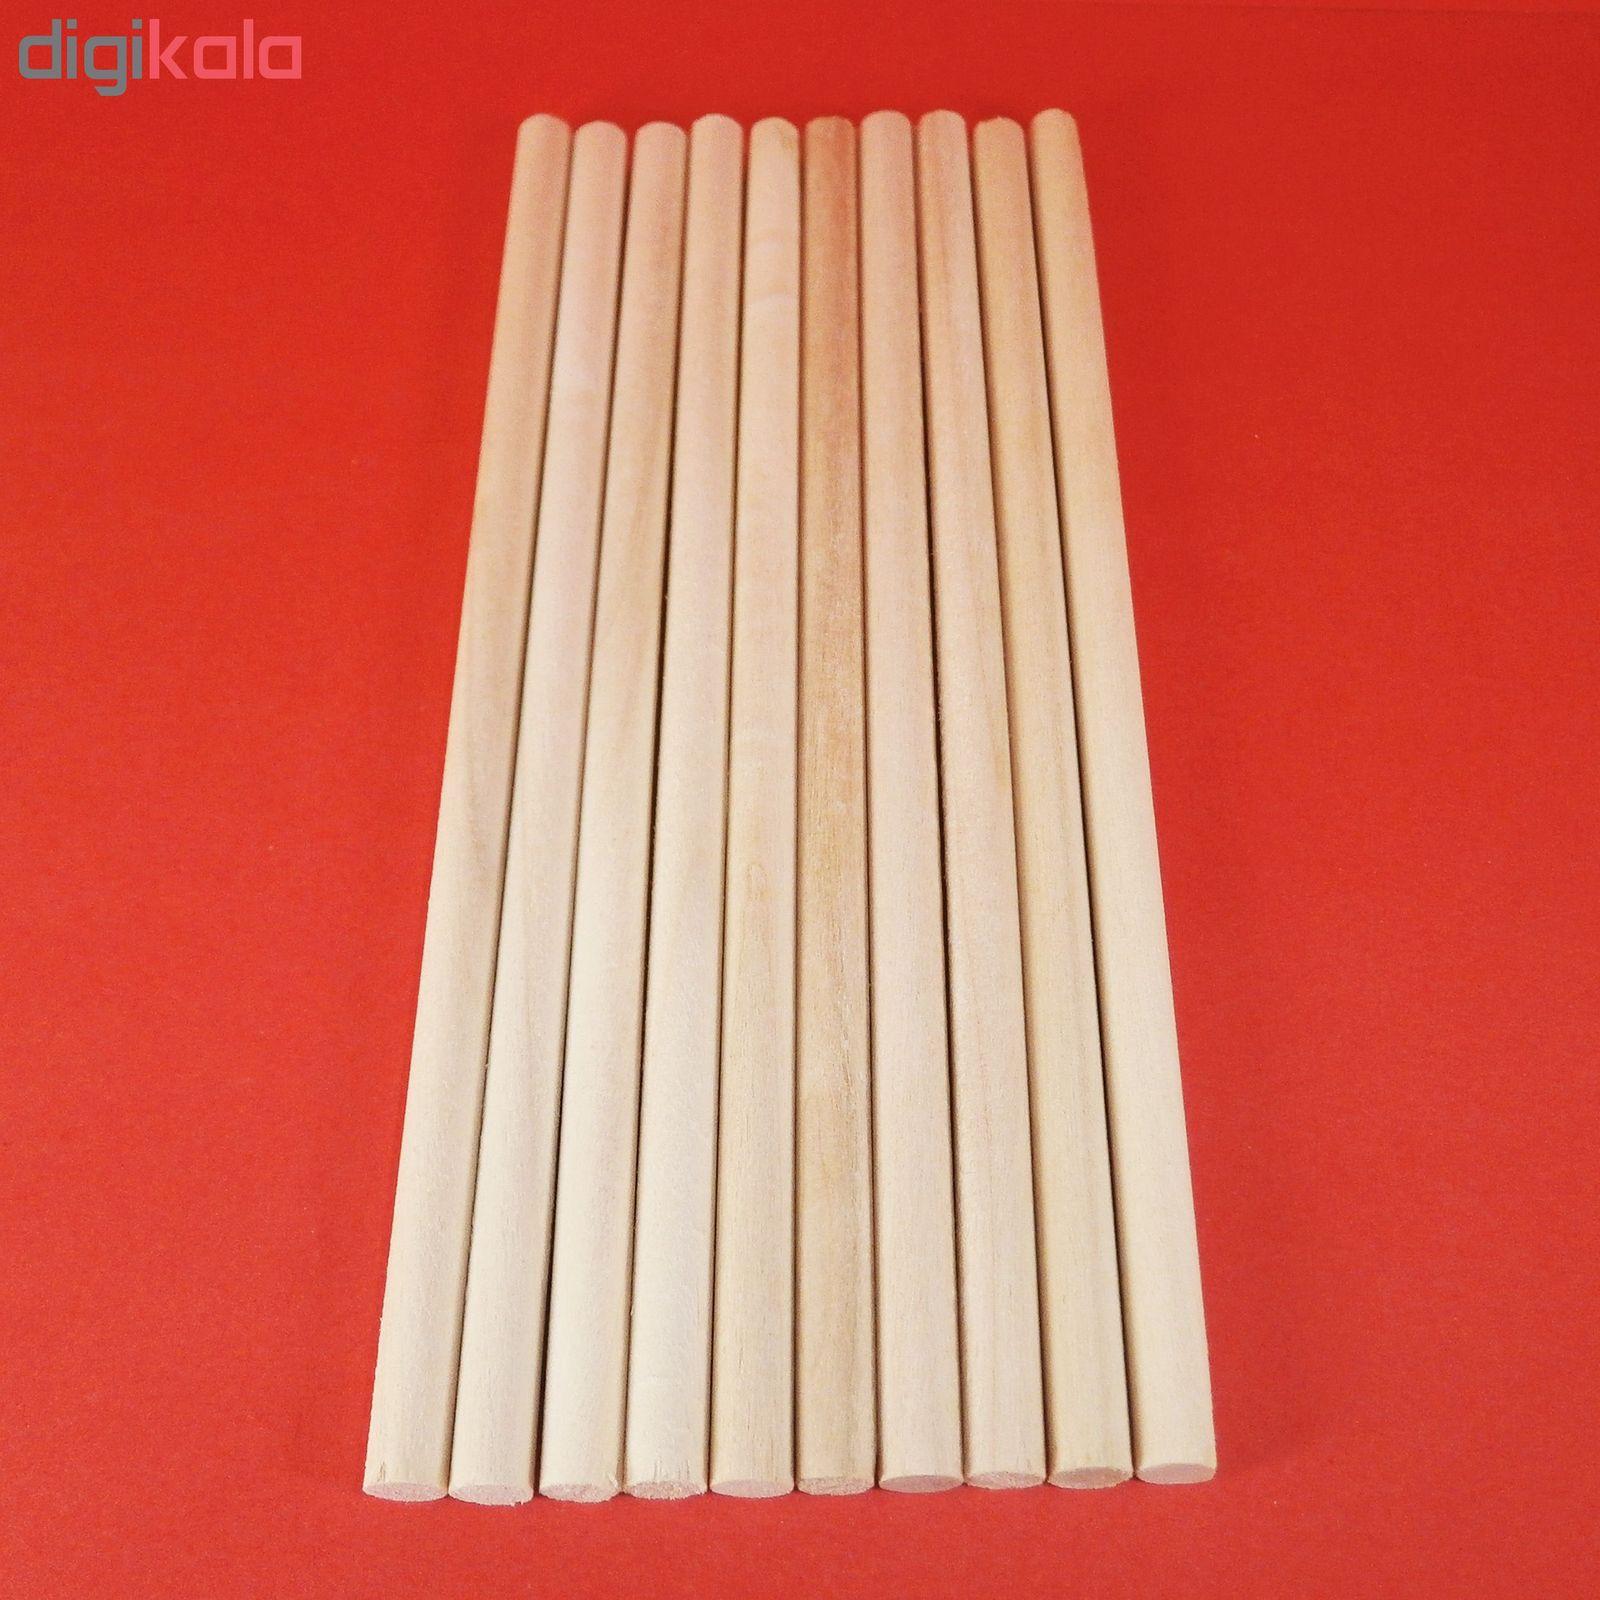 چوب بستنی  آرنگ مدل GRD1406_80 بسته 80 عددی main 1 3